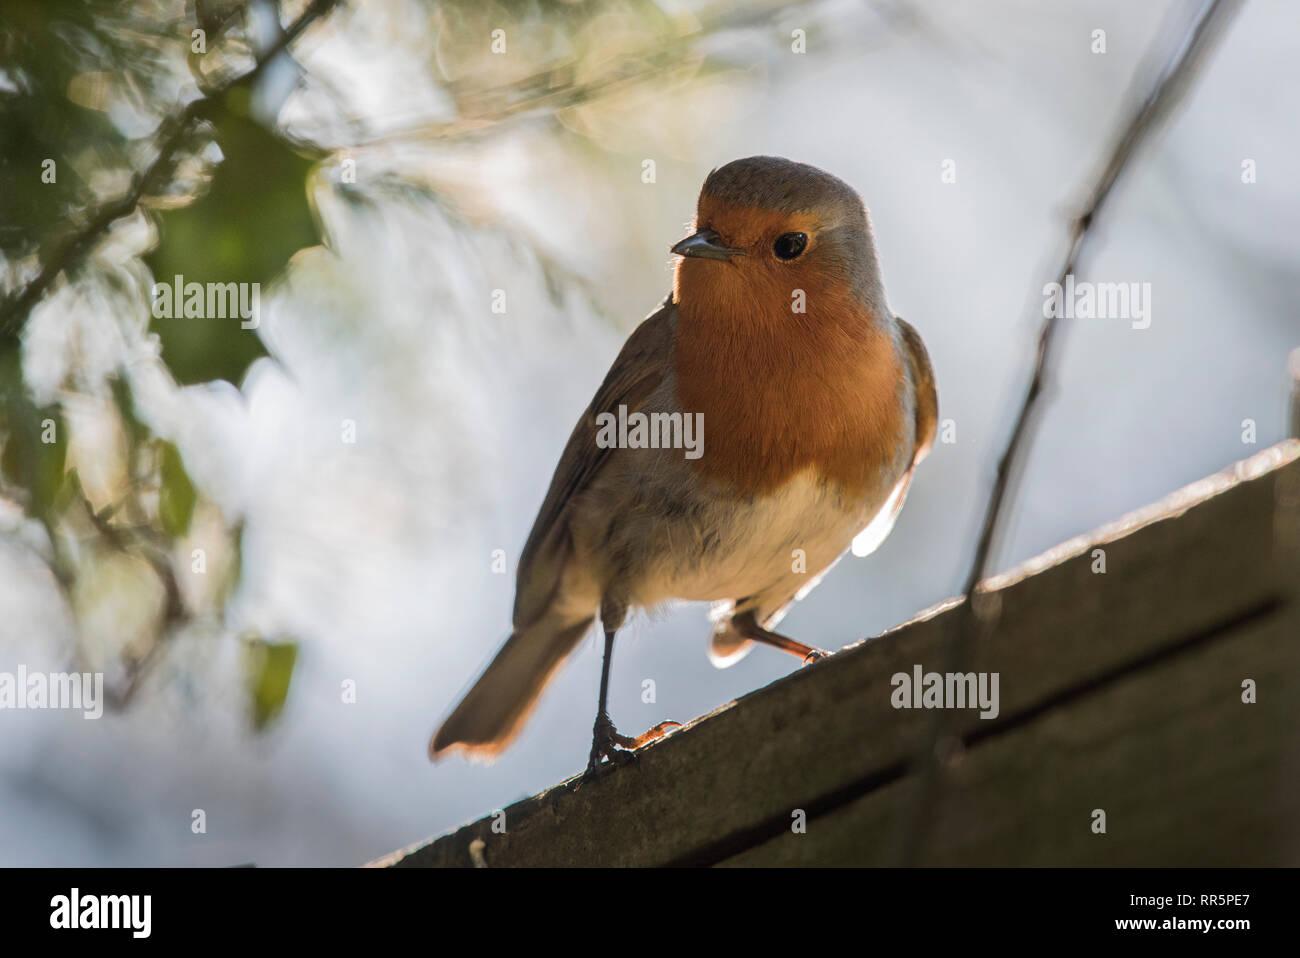 Garden Robin backlit - Stock Image